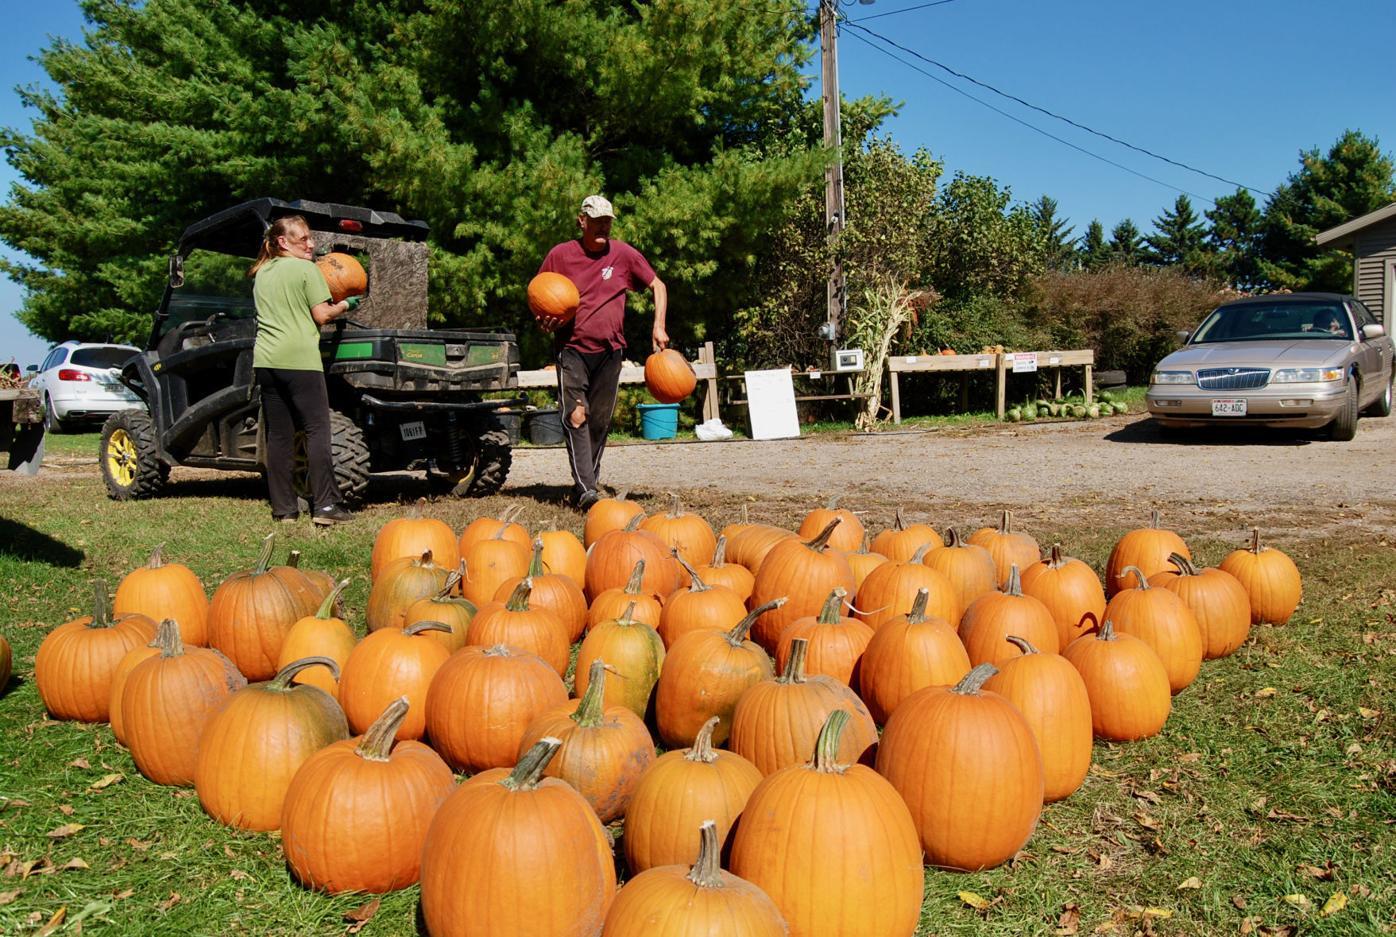 Self-serve pumpkins